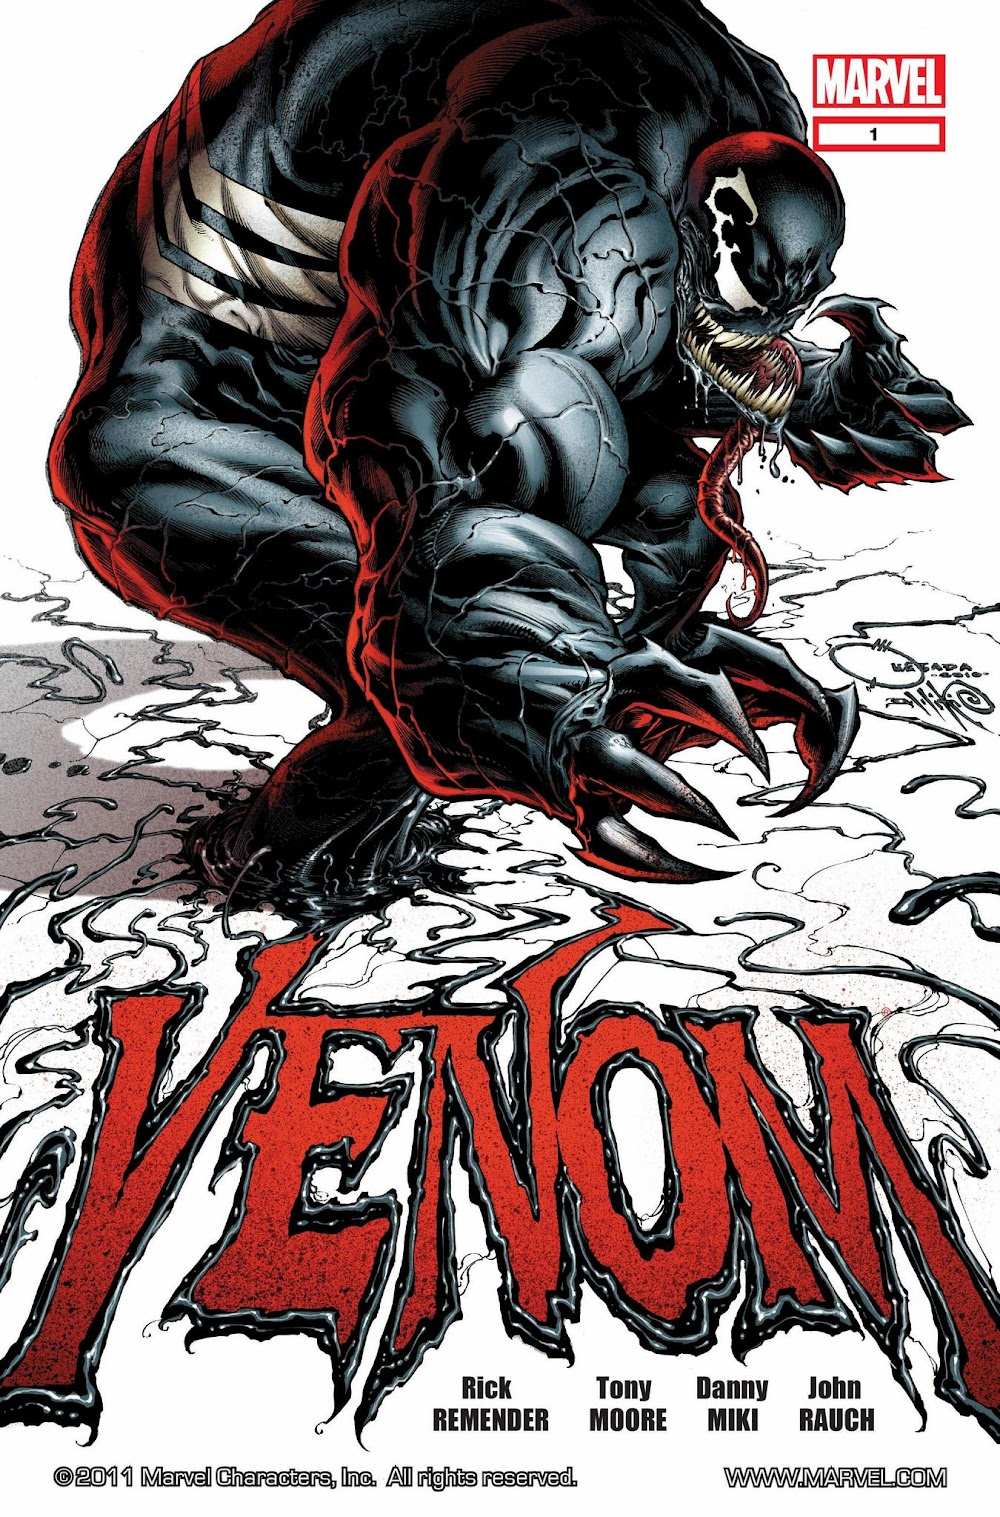 Venom (2011) - complete